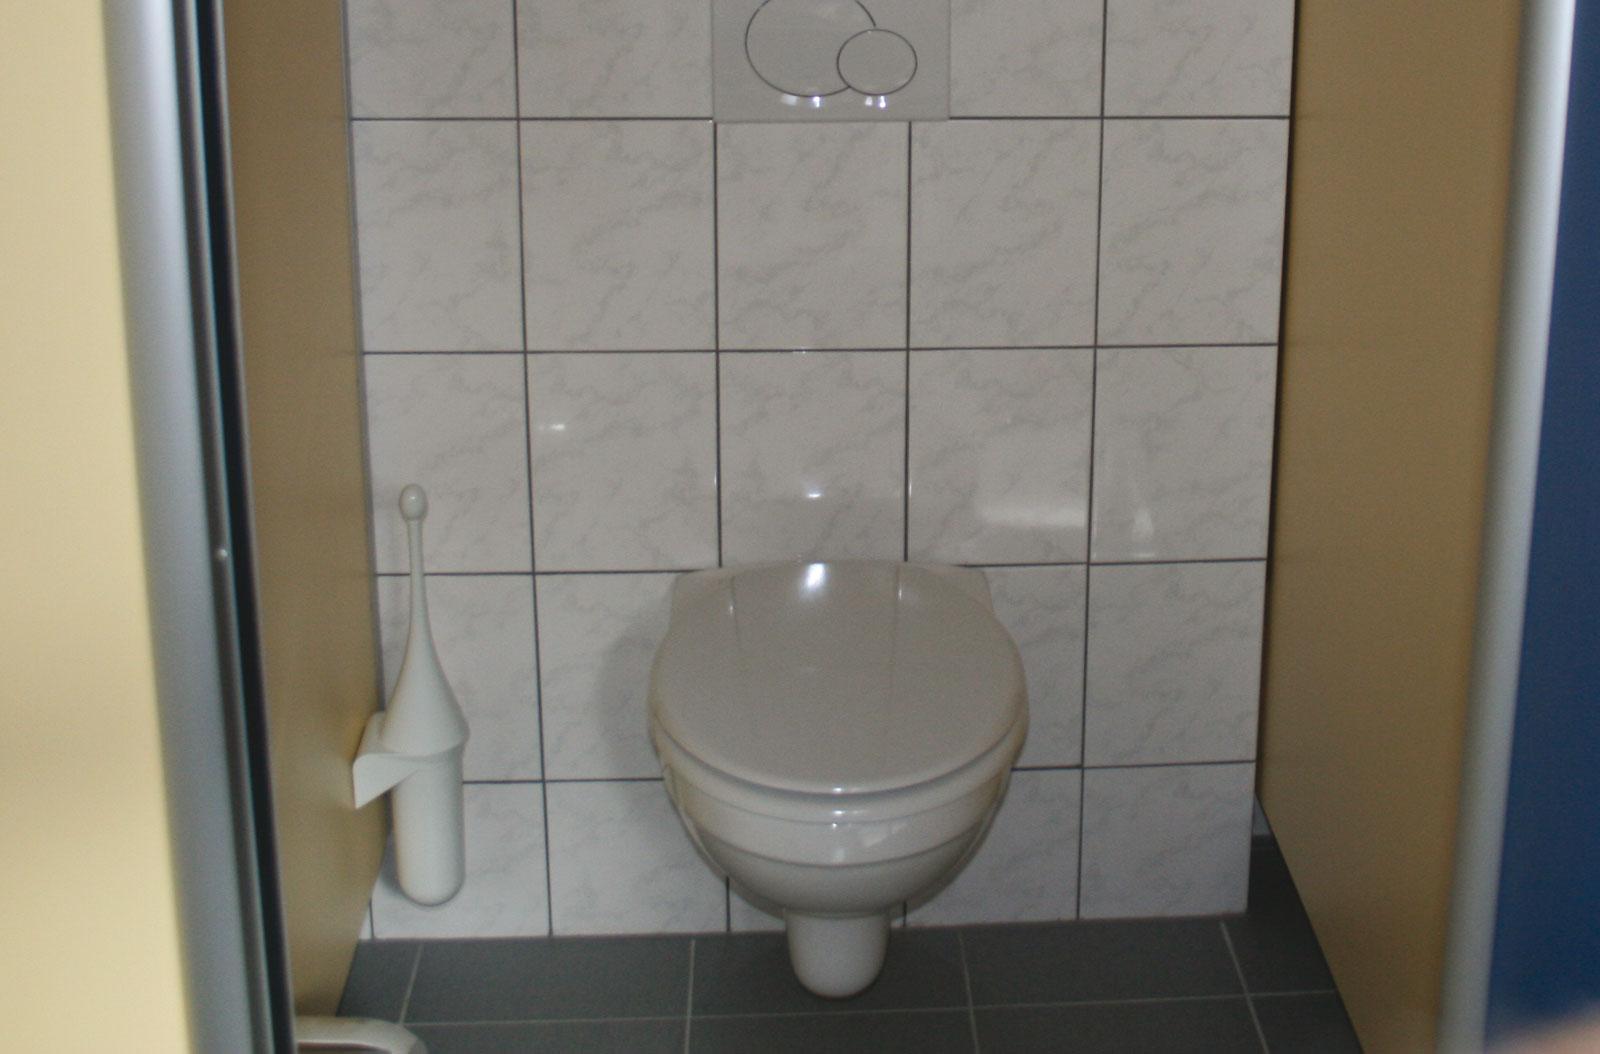 sanitair02